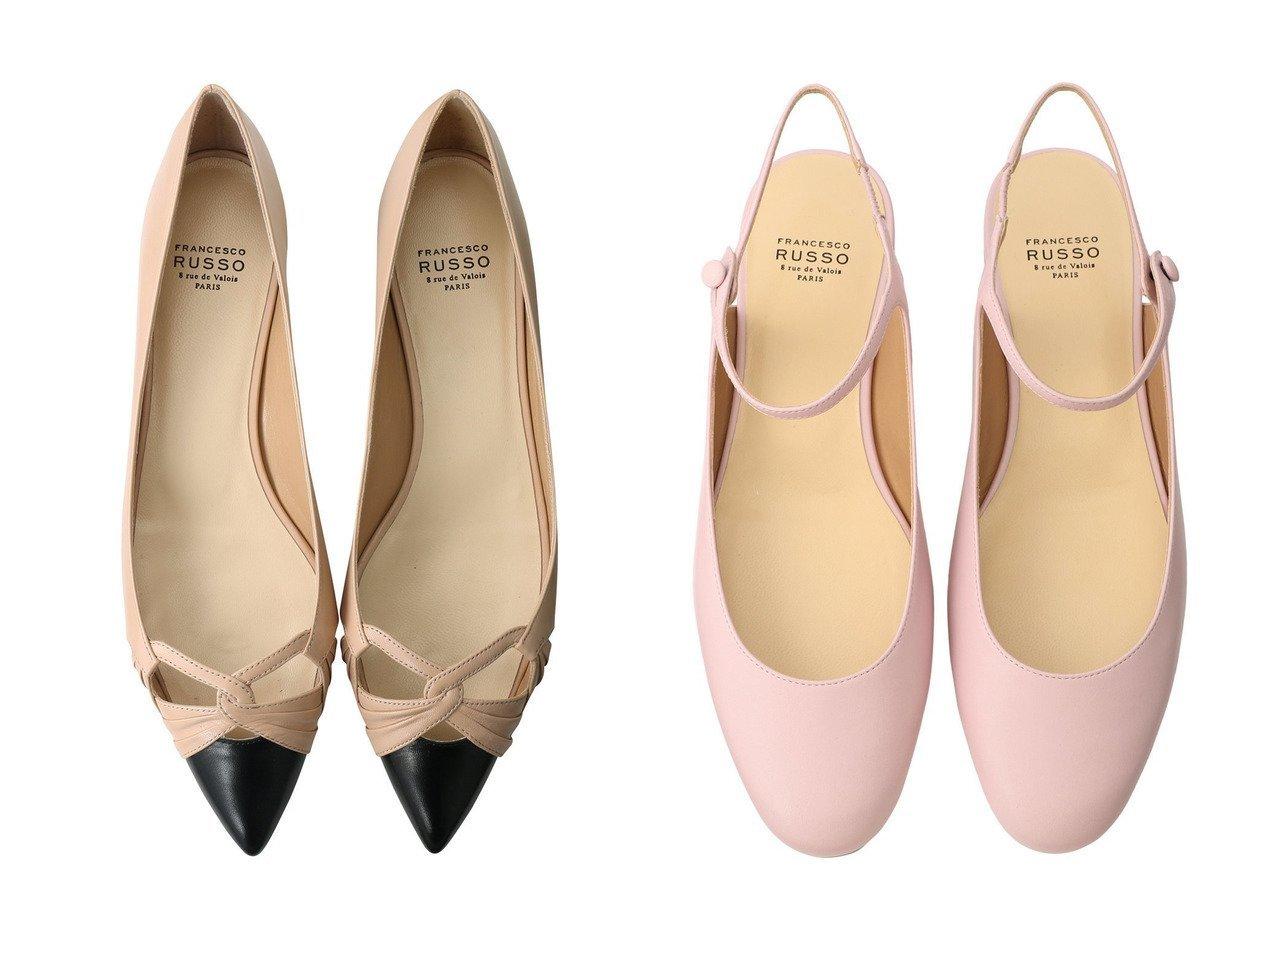 【FRANCESCO RUSSO/フランセスコルッソ】のストラップフラットシューズ&ポインテッドトゥカットワークフラットシューズ 【シューズ・靴】おすすめ!人気、トレンド・レディースファッションの通販 おすすめで人気の流行・トレンド、ファッションの通販商品 インテリア・家具・メンズファッション・キッズファッション・レディースファッション・服の通販 founy(ファニー) https://founy.com/ ファッション Fashion レディースファッション WOMEN なめらか シューズ パーティ フラット おすすめ Recommend サンダル シェイプ ソックス フェミニン ラップ  ID:crp329100000045154